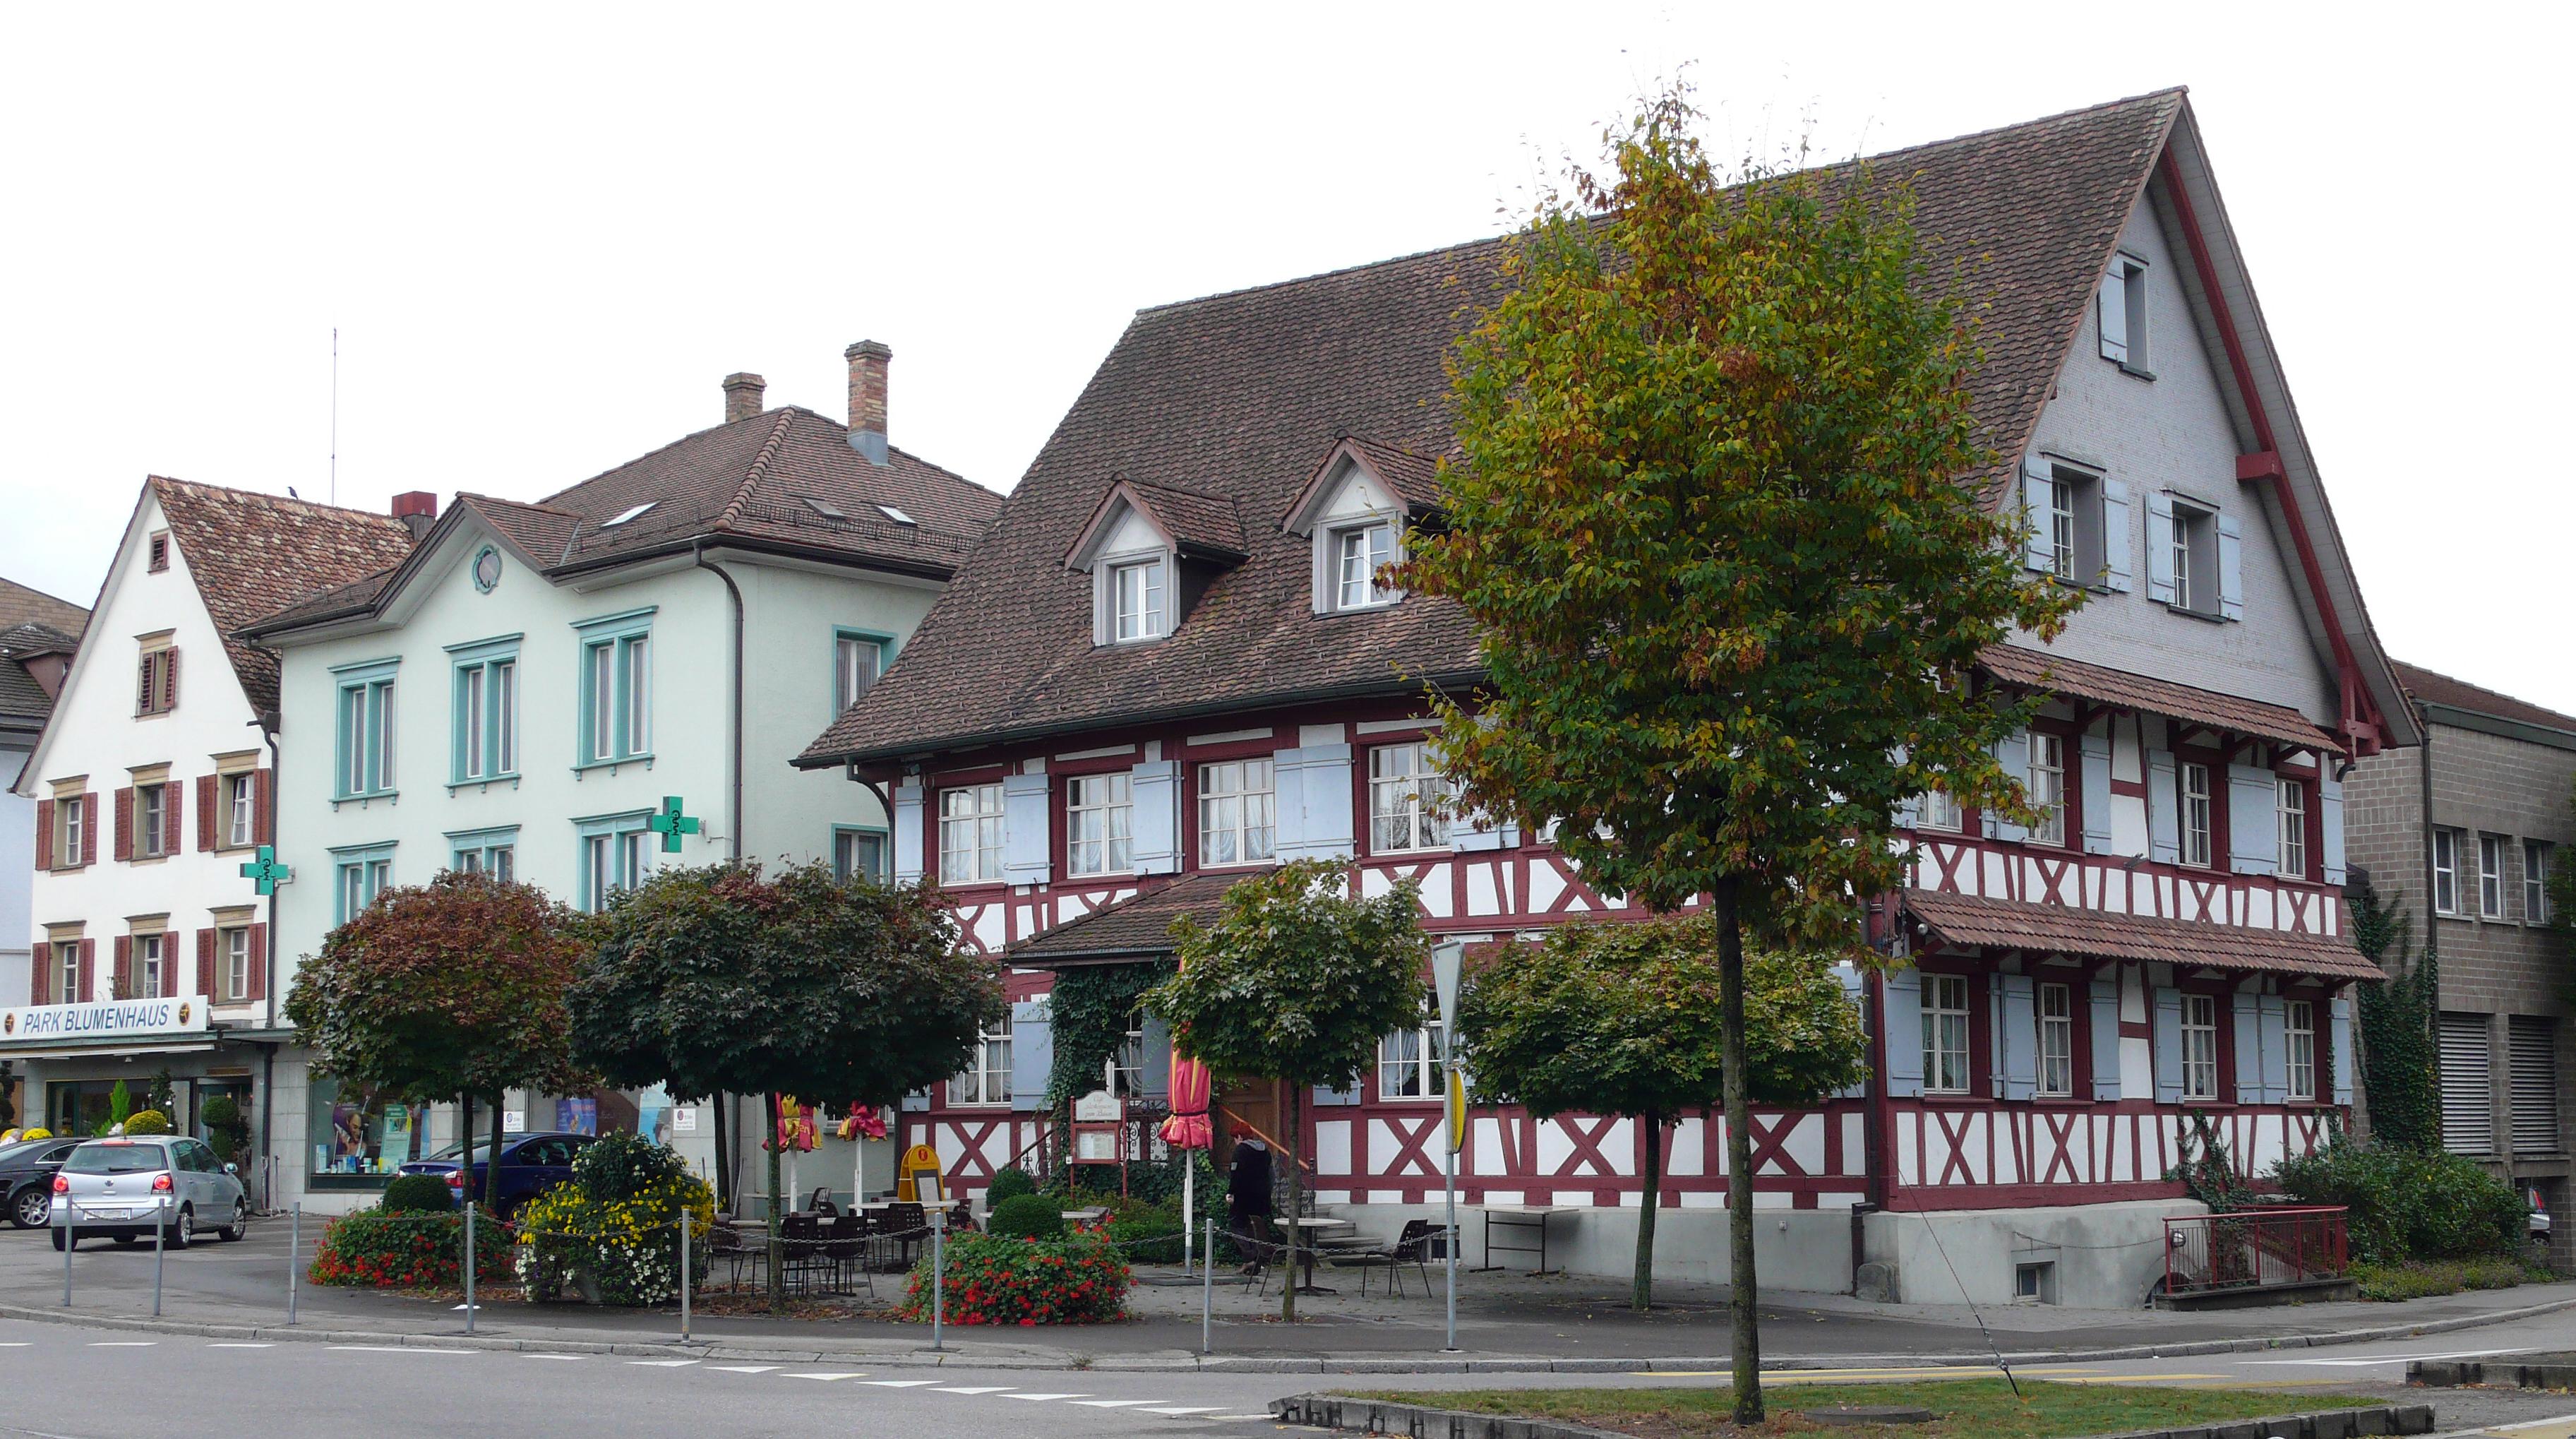 Kreuzlingen Switzerland  city images : Baeren kreuzlingen Wikimedia Commons